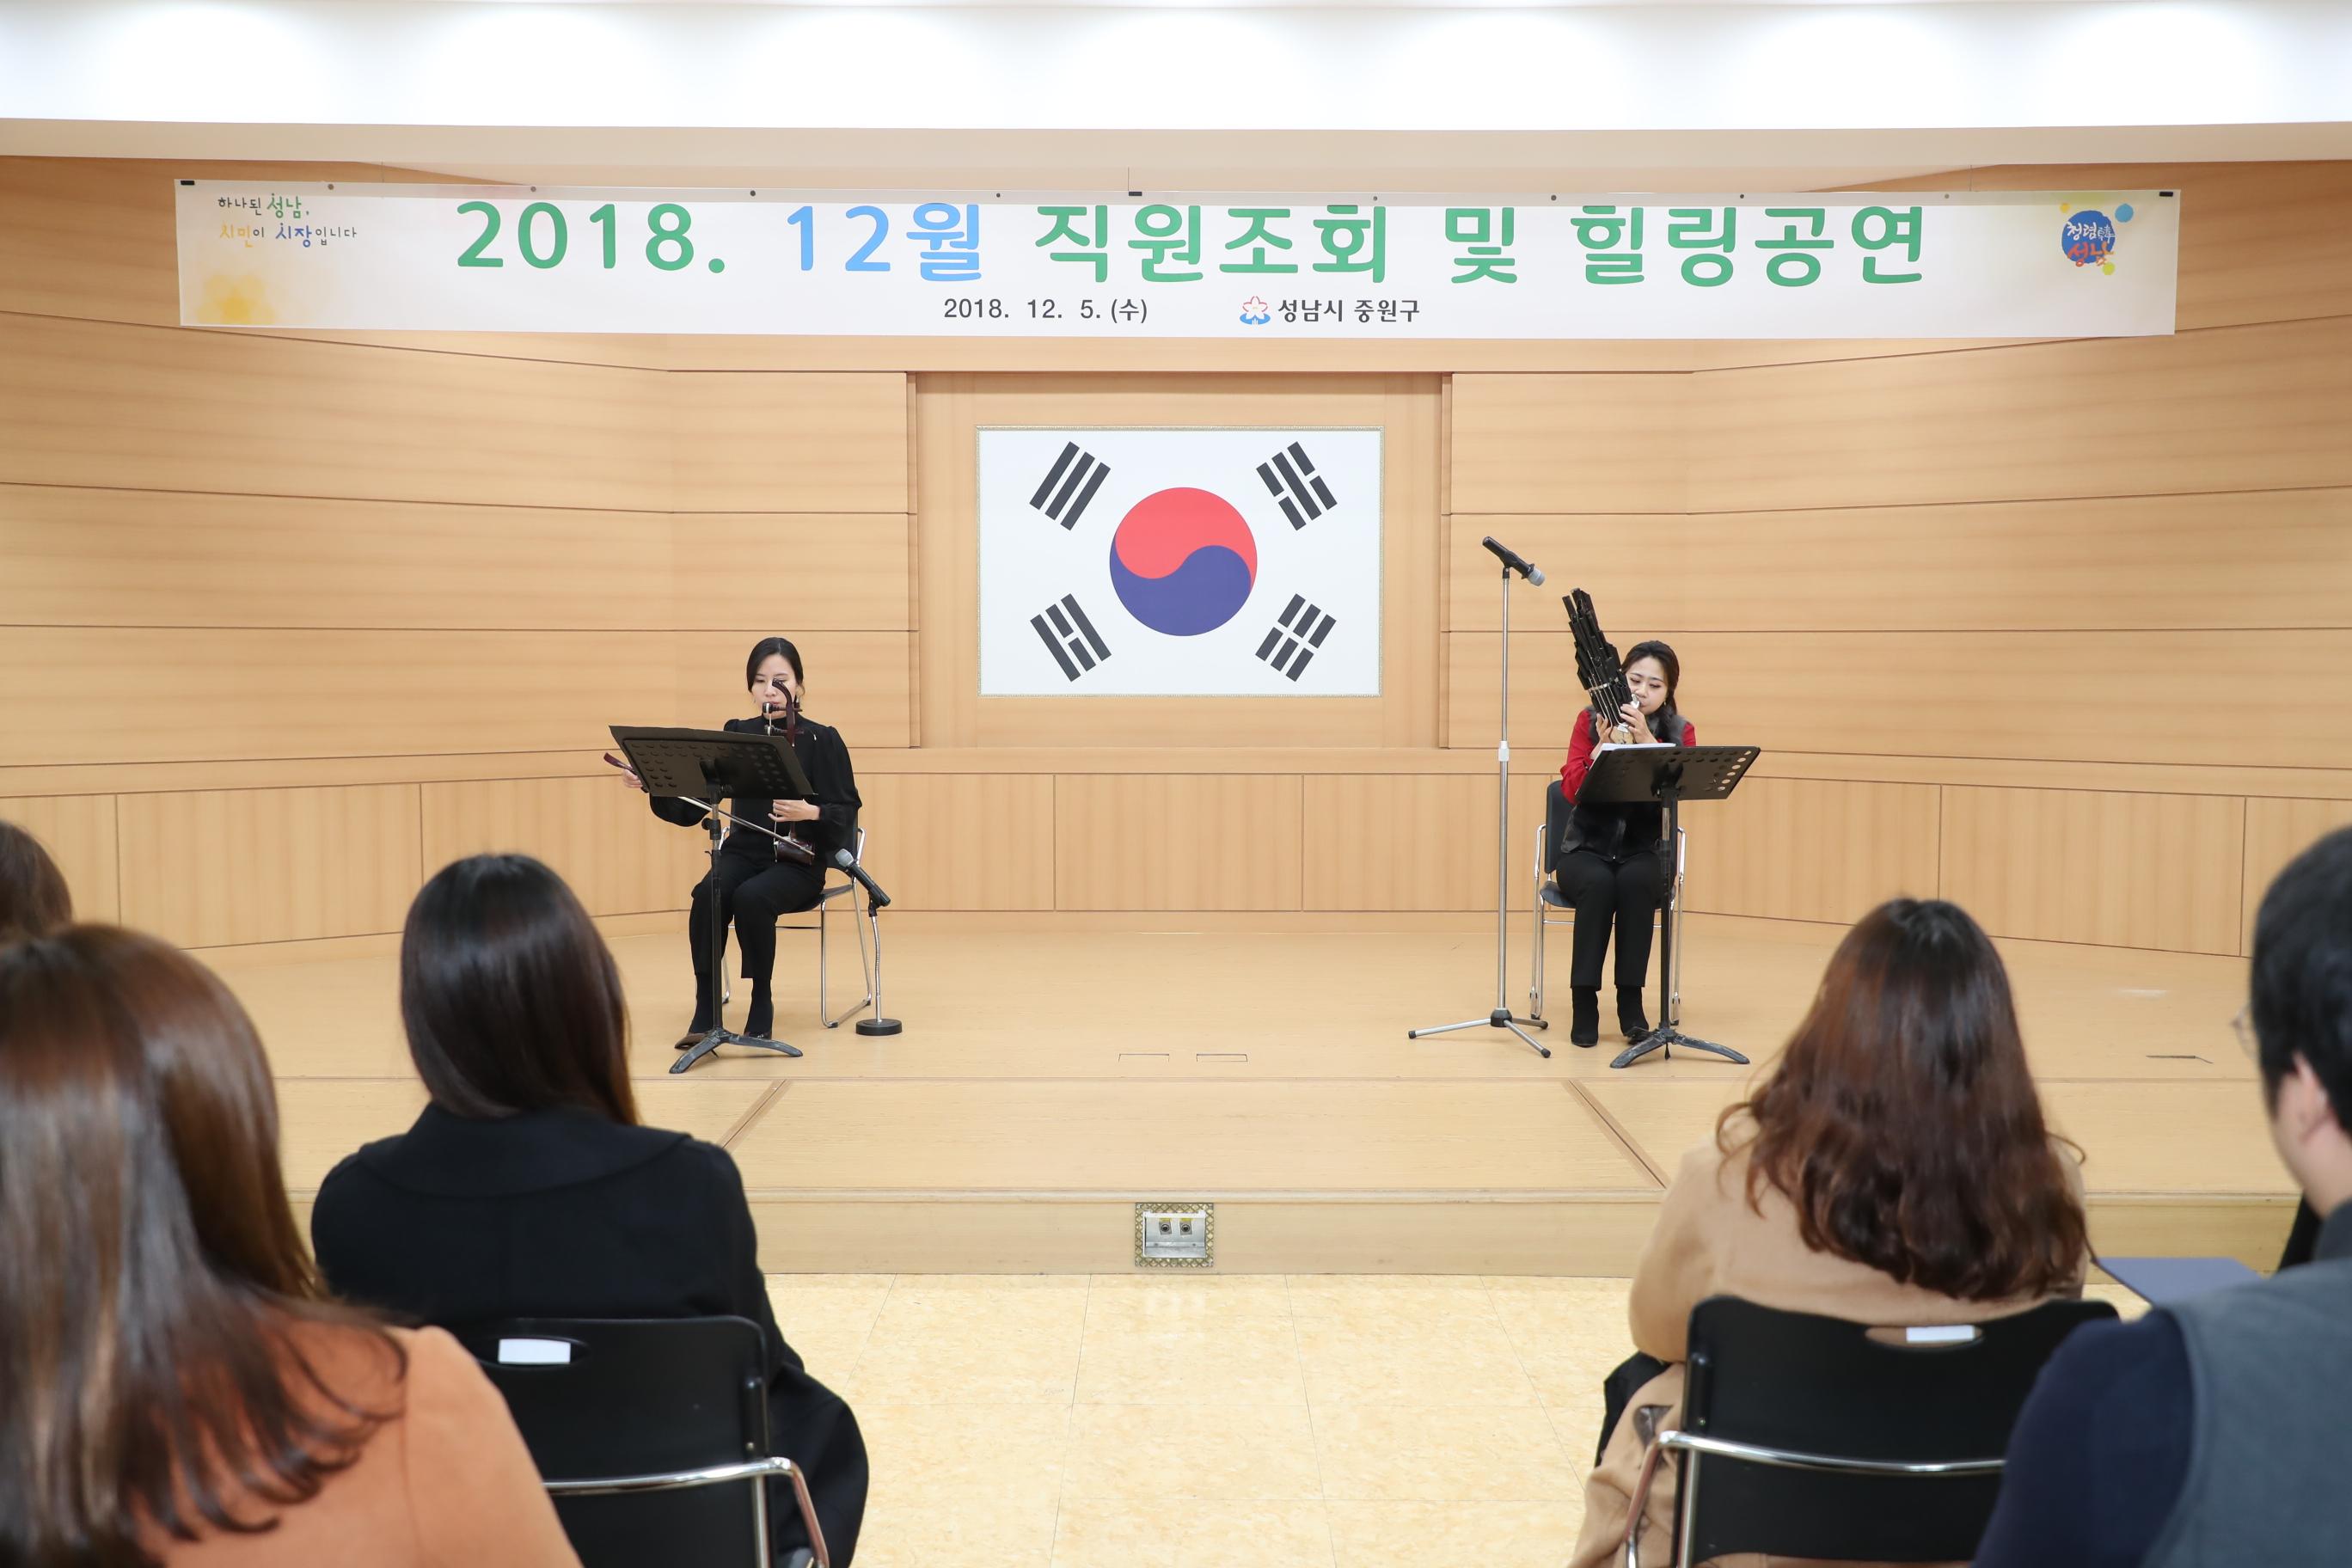 2018년 12월 직원조회 및 힐링공연